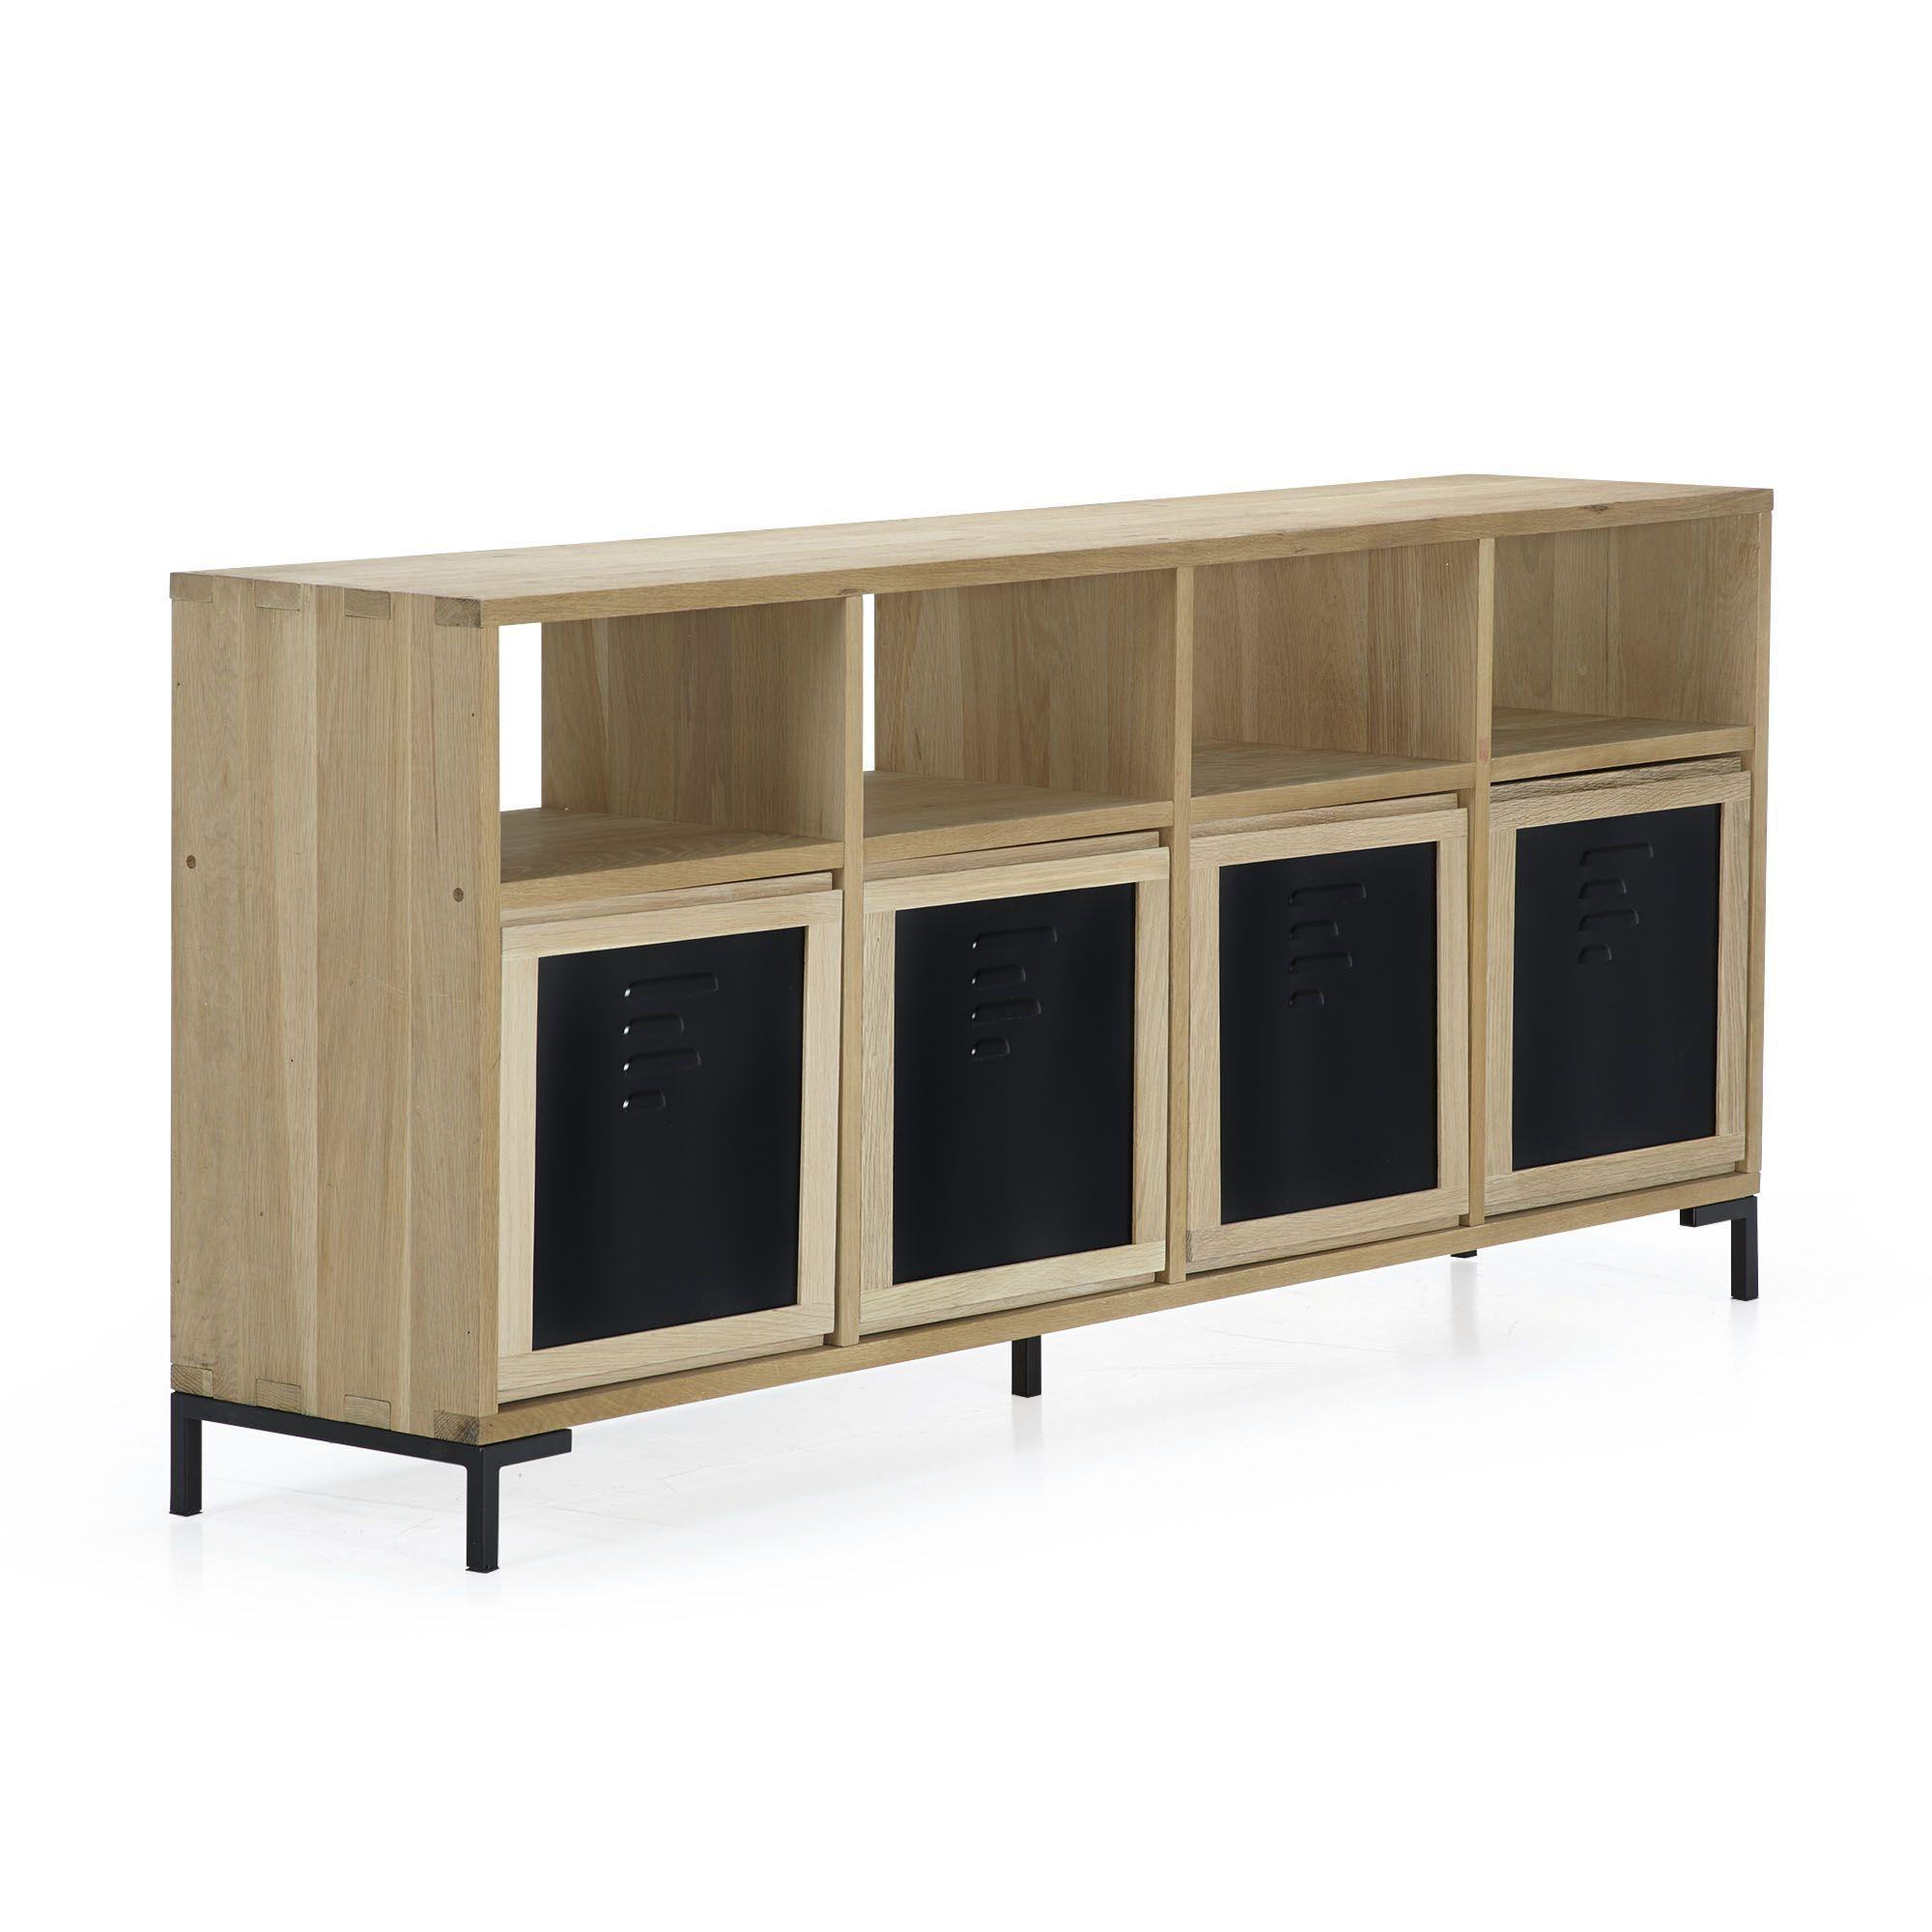 Buffet meuble tv en ch ne massif et m tal naturel noir tassia les meubles t l les - Meuble tv en chene naturel ...